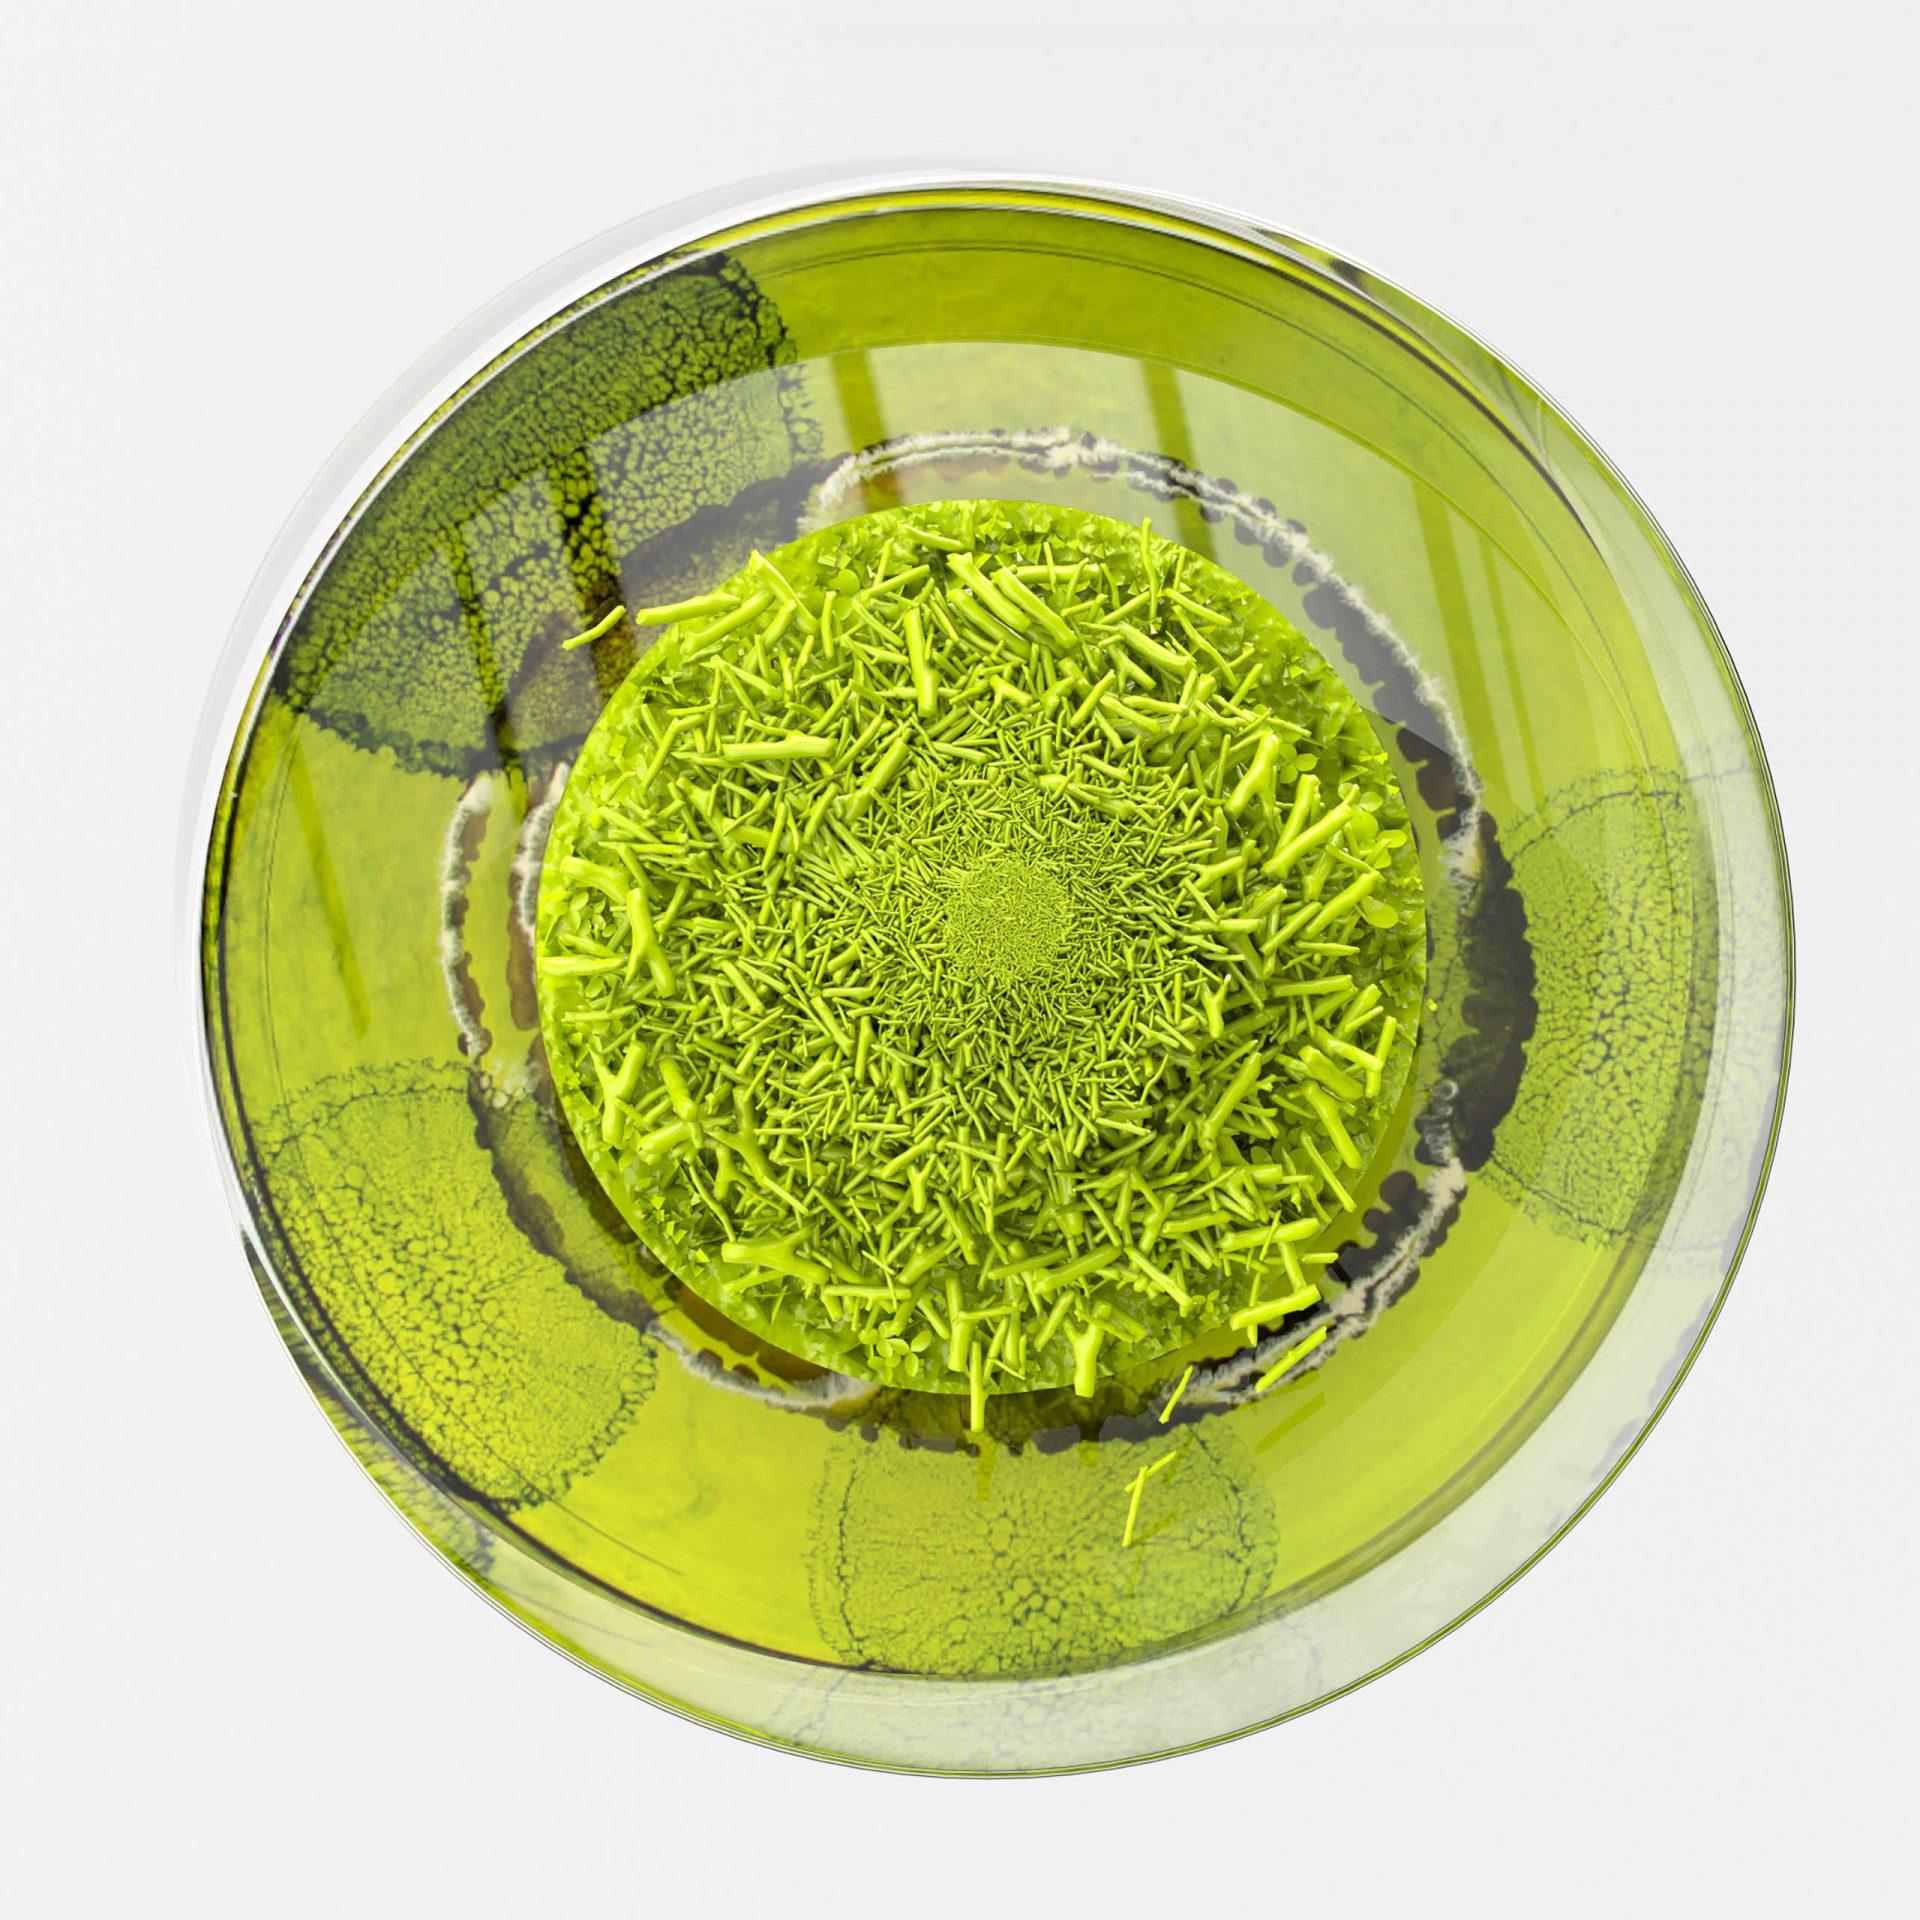 Ein modelliertes Fantasiebild von grüner Mikrobiologie